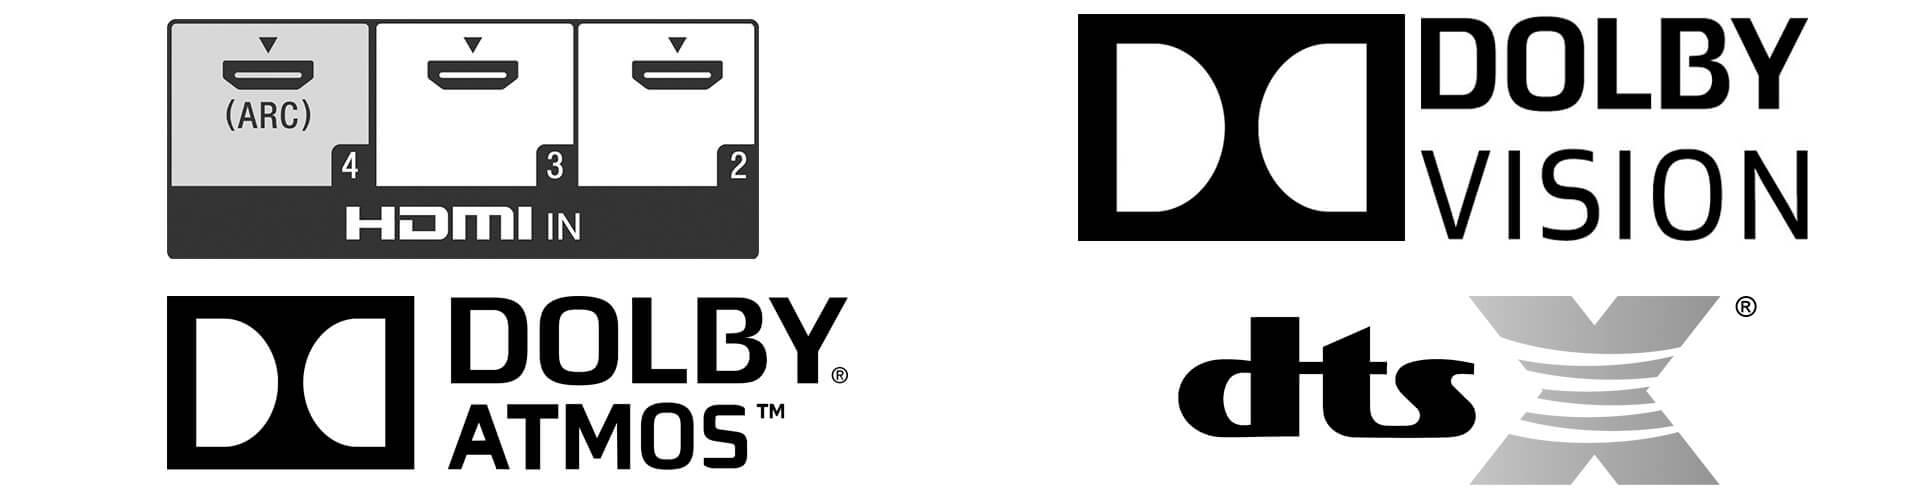 comment brancher une box android, une tv 4k et une barre de son en dolby atmos dtsx et dolby vision - caracteristiques barre de son - [Guide] Comment brancher une Box Android, une TV 4K et une Barre de son en Dolby ATMOS DTSX et Dolby VISION - idroid.fr